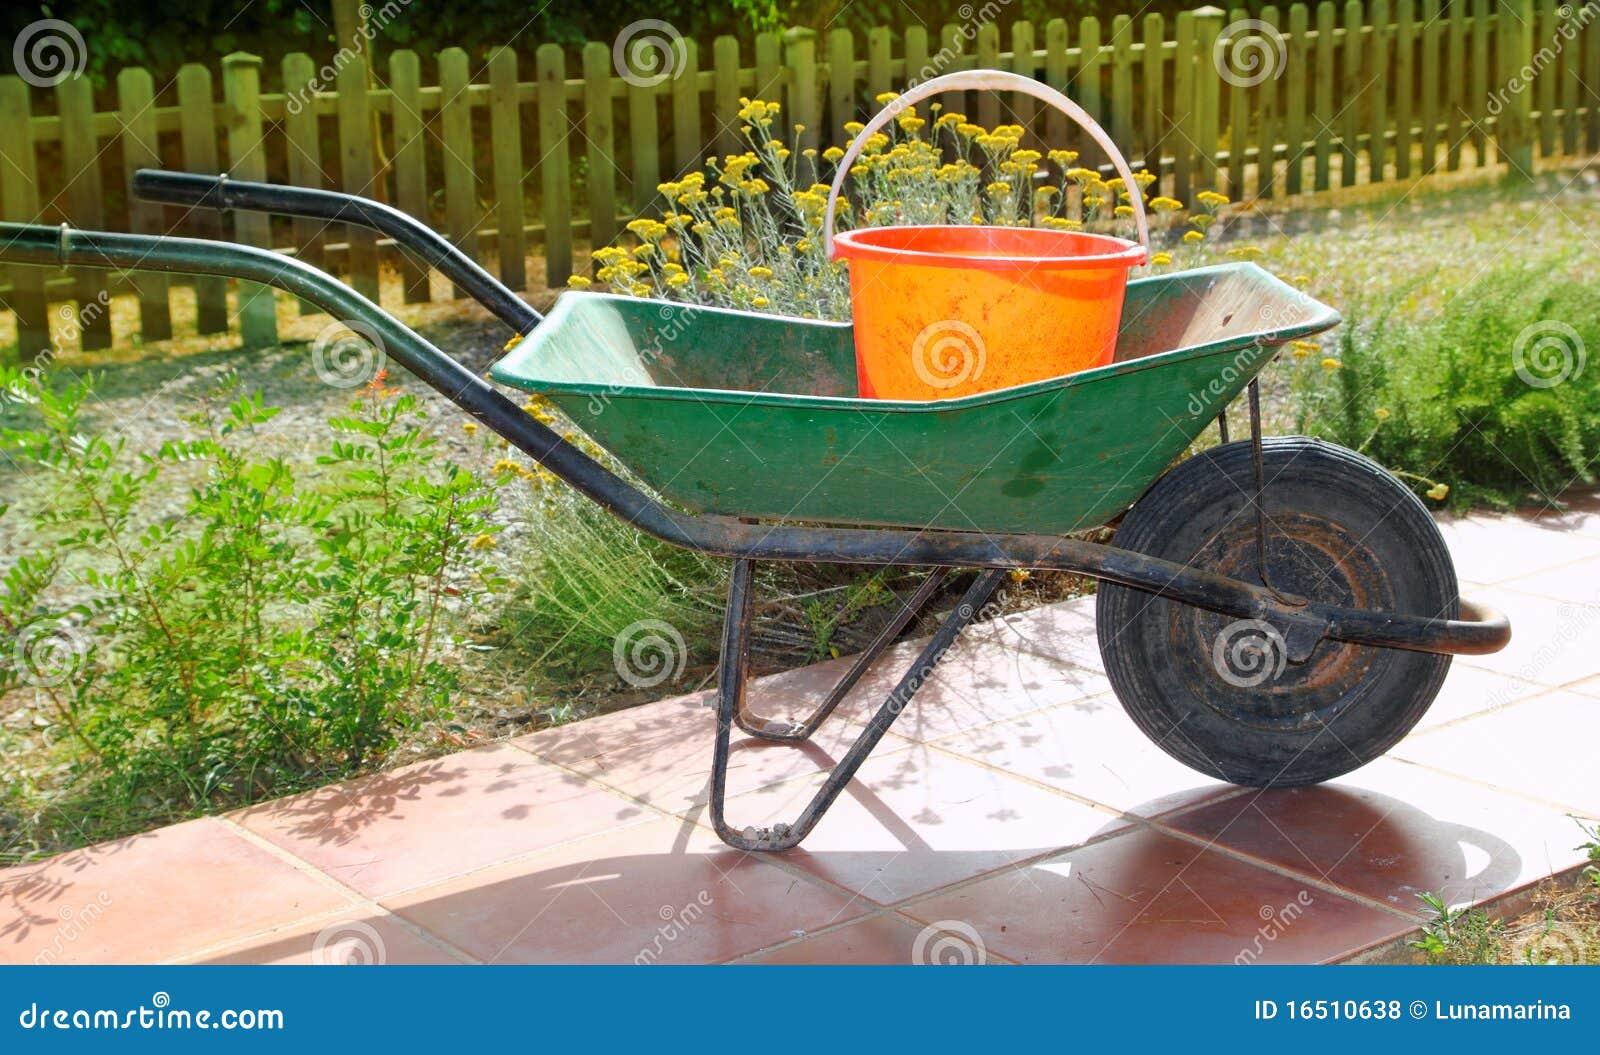 Brouette de roue verte de jardinier avec le seau orange for Brouette de jardin plastique